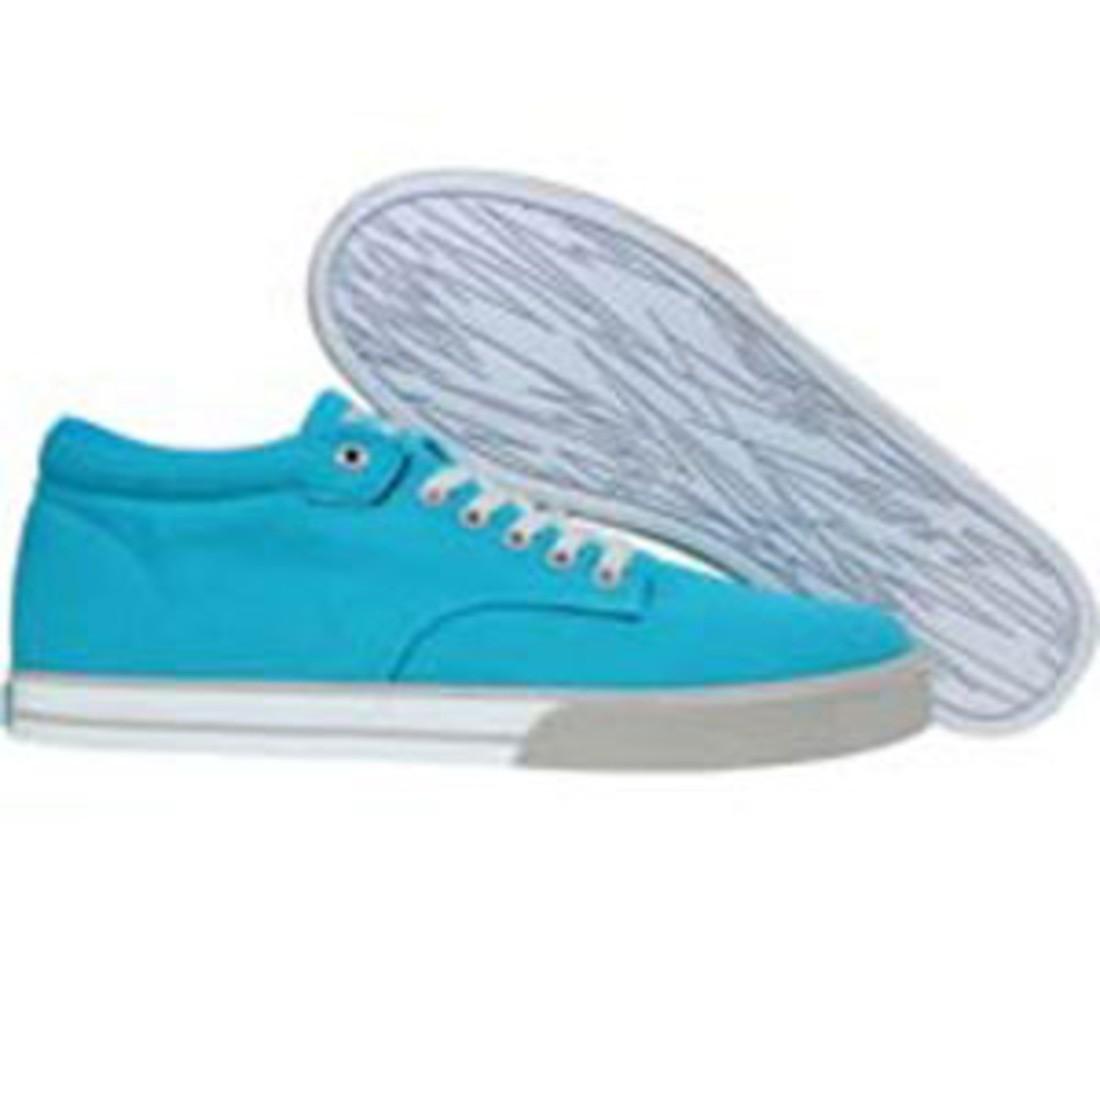 【海外限定】ジョンソン ミッド メンズ靴 靴 【 THE HUNDREDS JOHNSON MID CANVAS CARIBBEAN BLUE 】